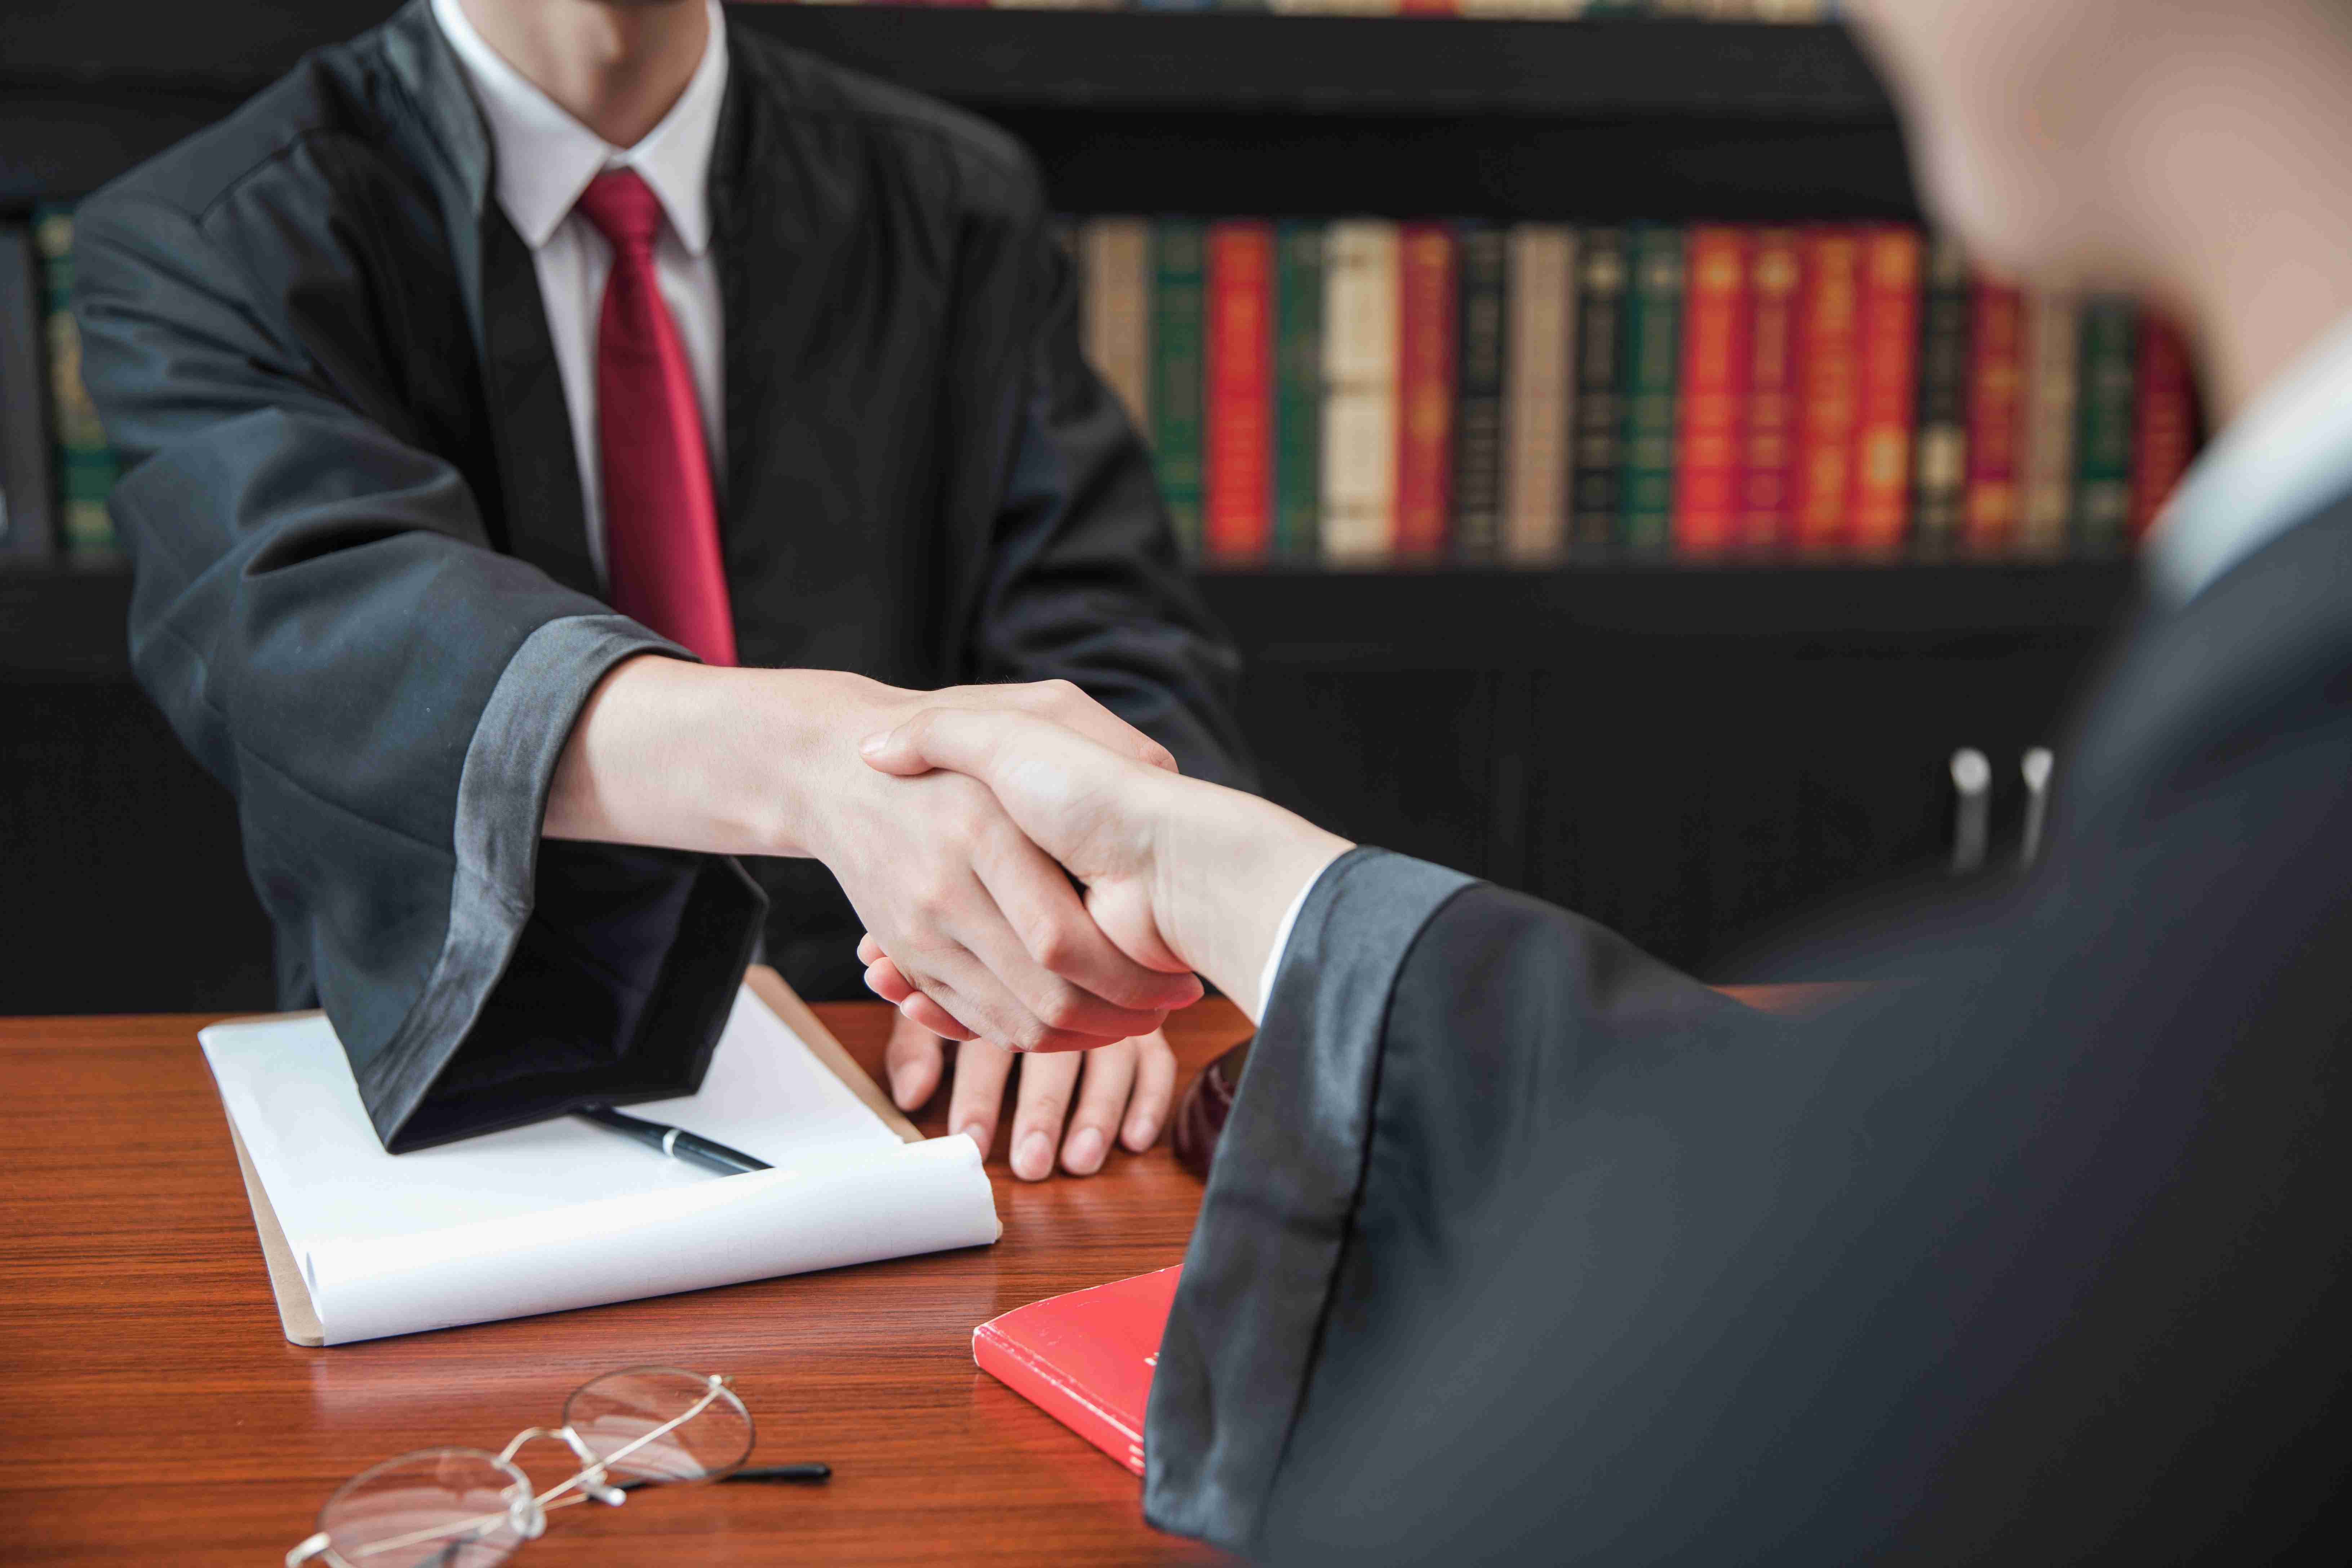 企业遭遇商标侵权诉讼已经收到律师函怎么办?